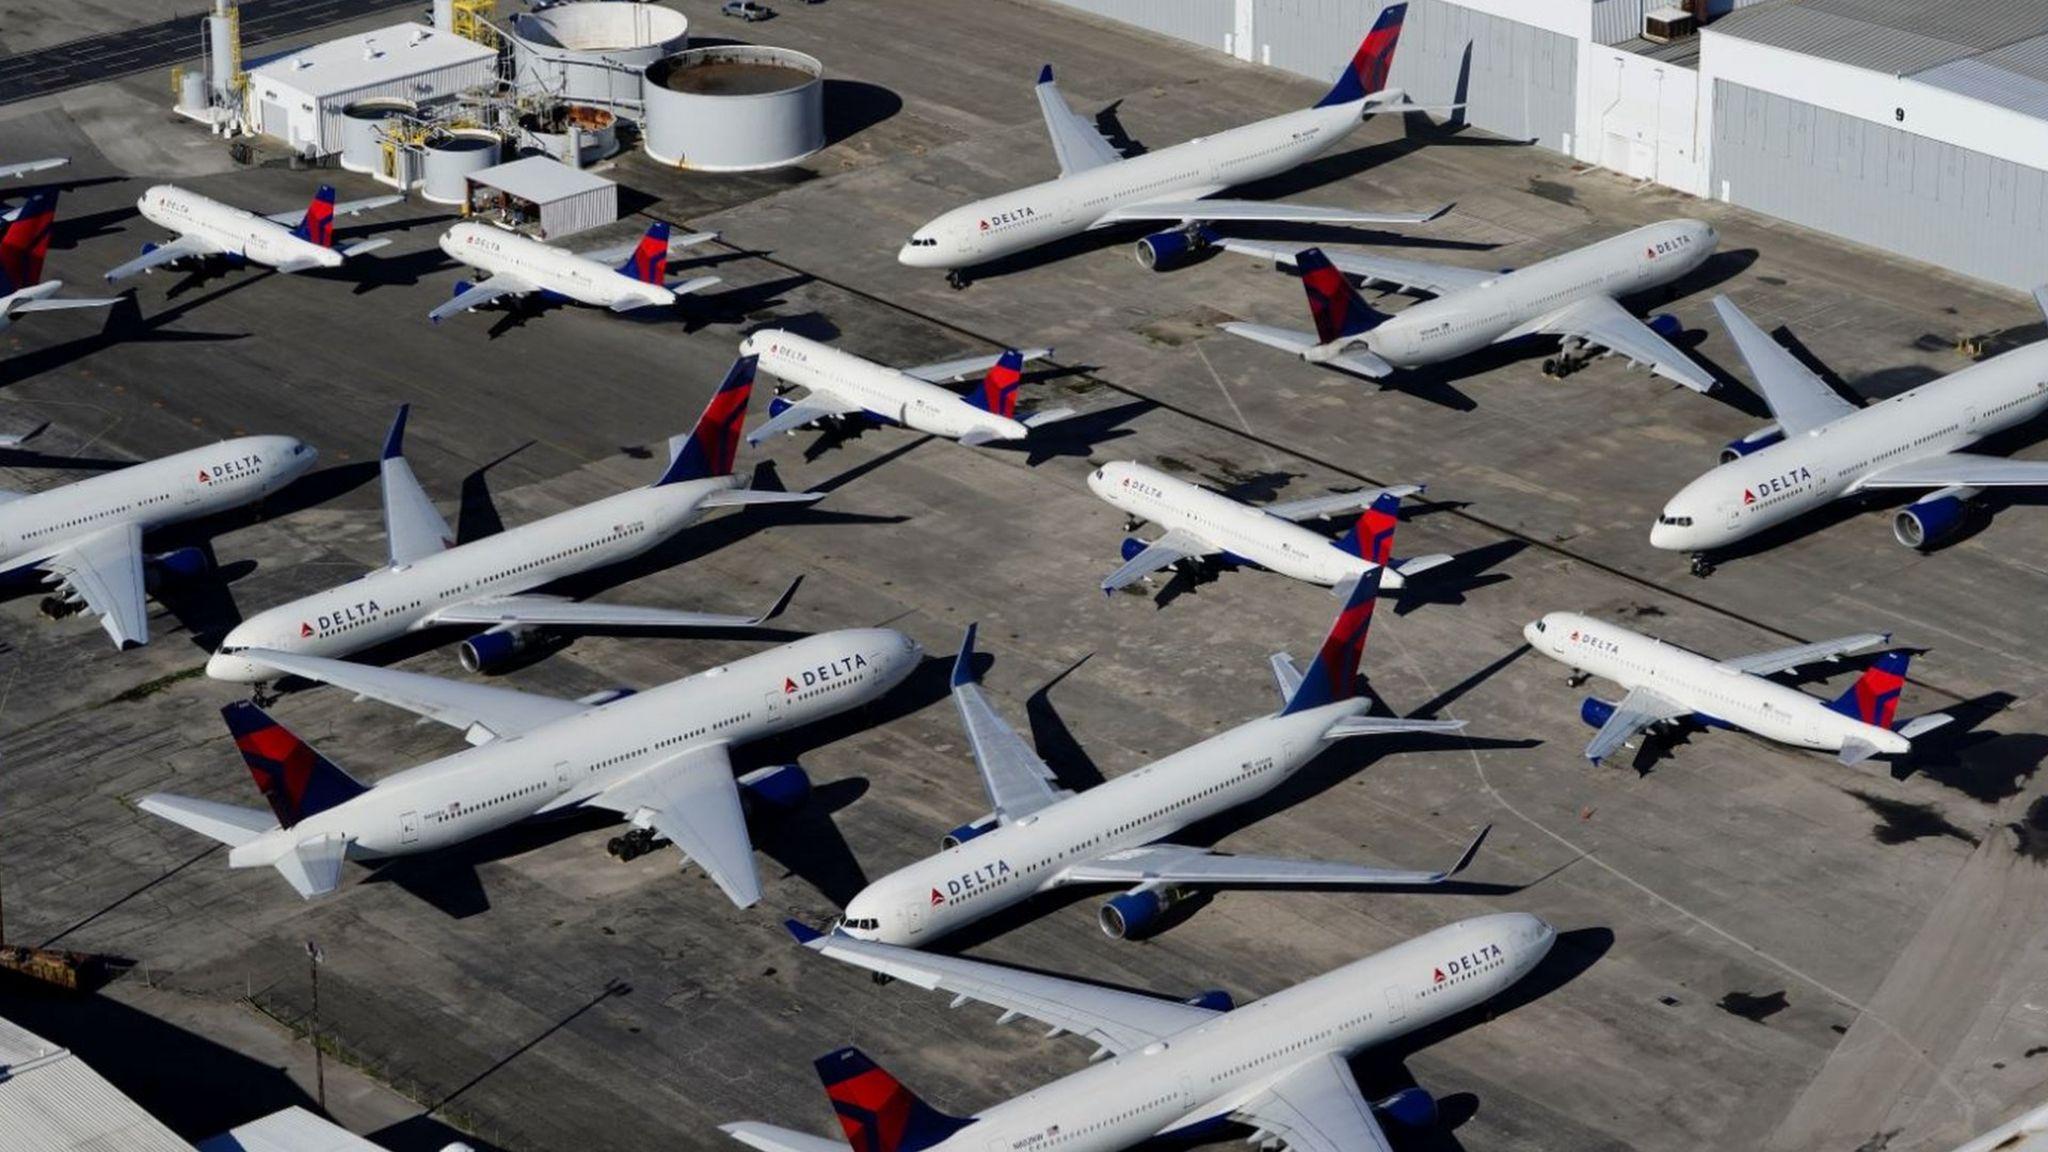 Planes at Birmingham airport